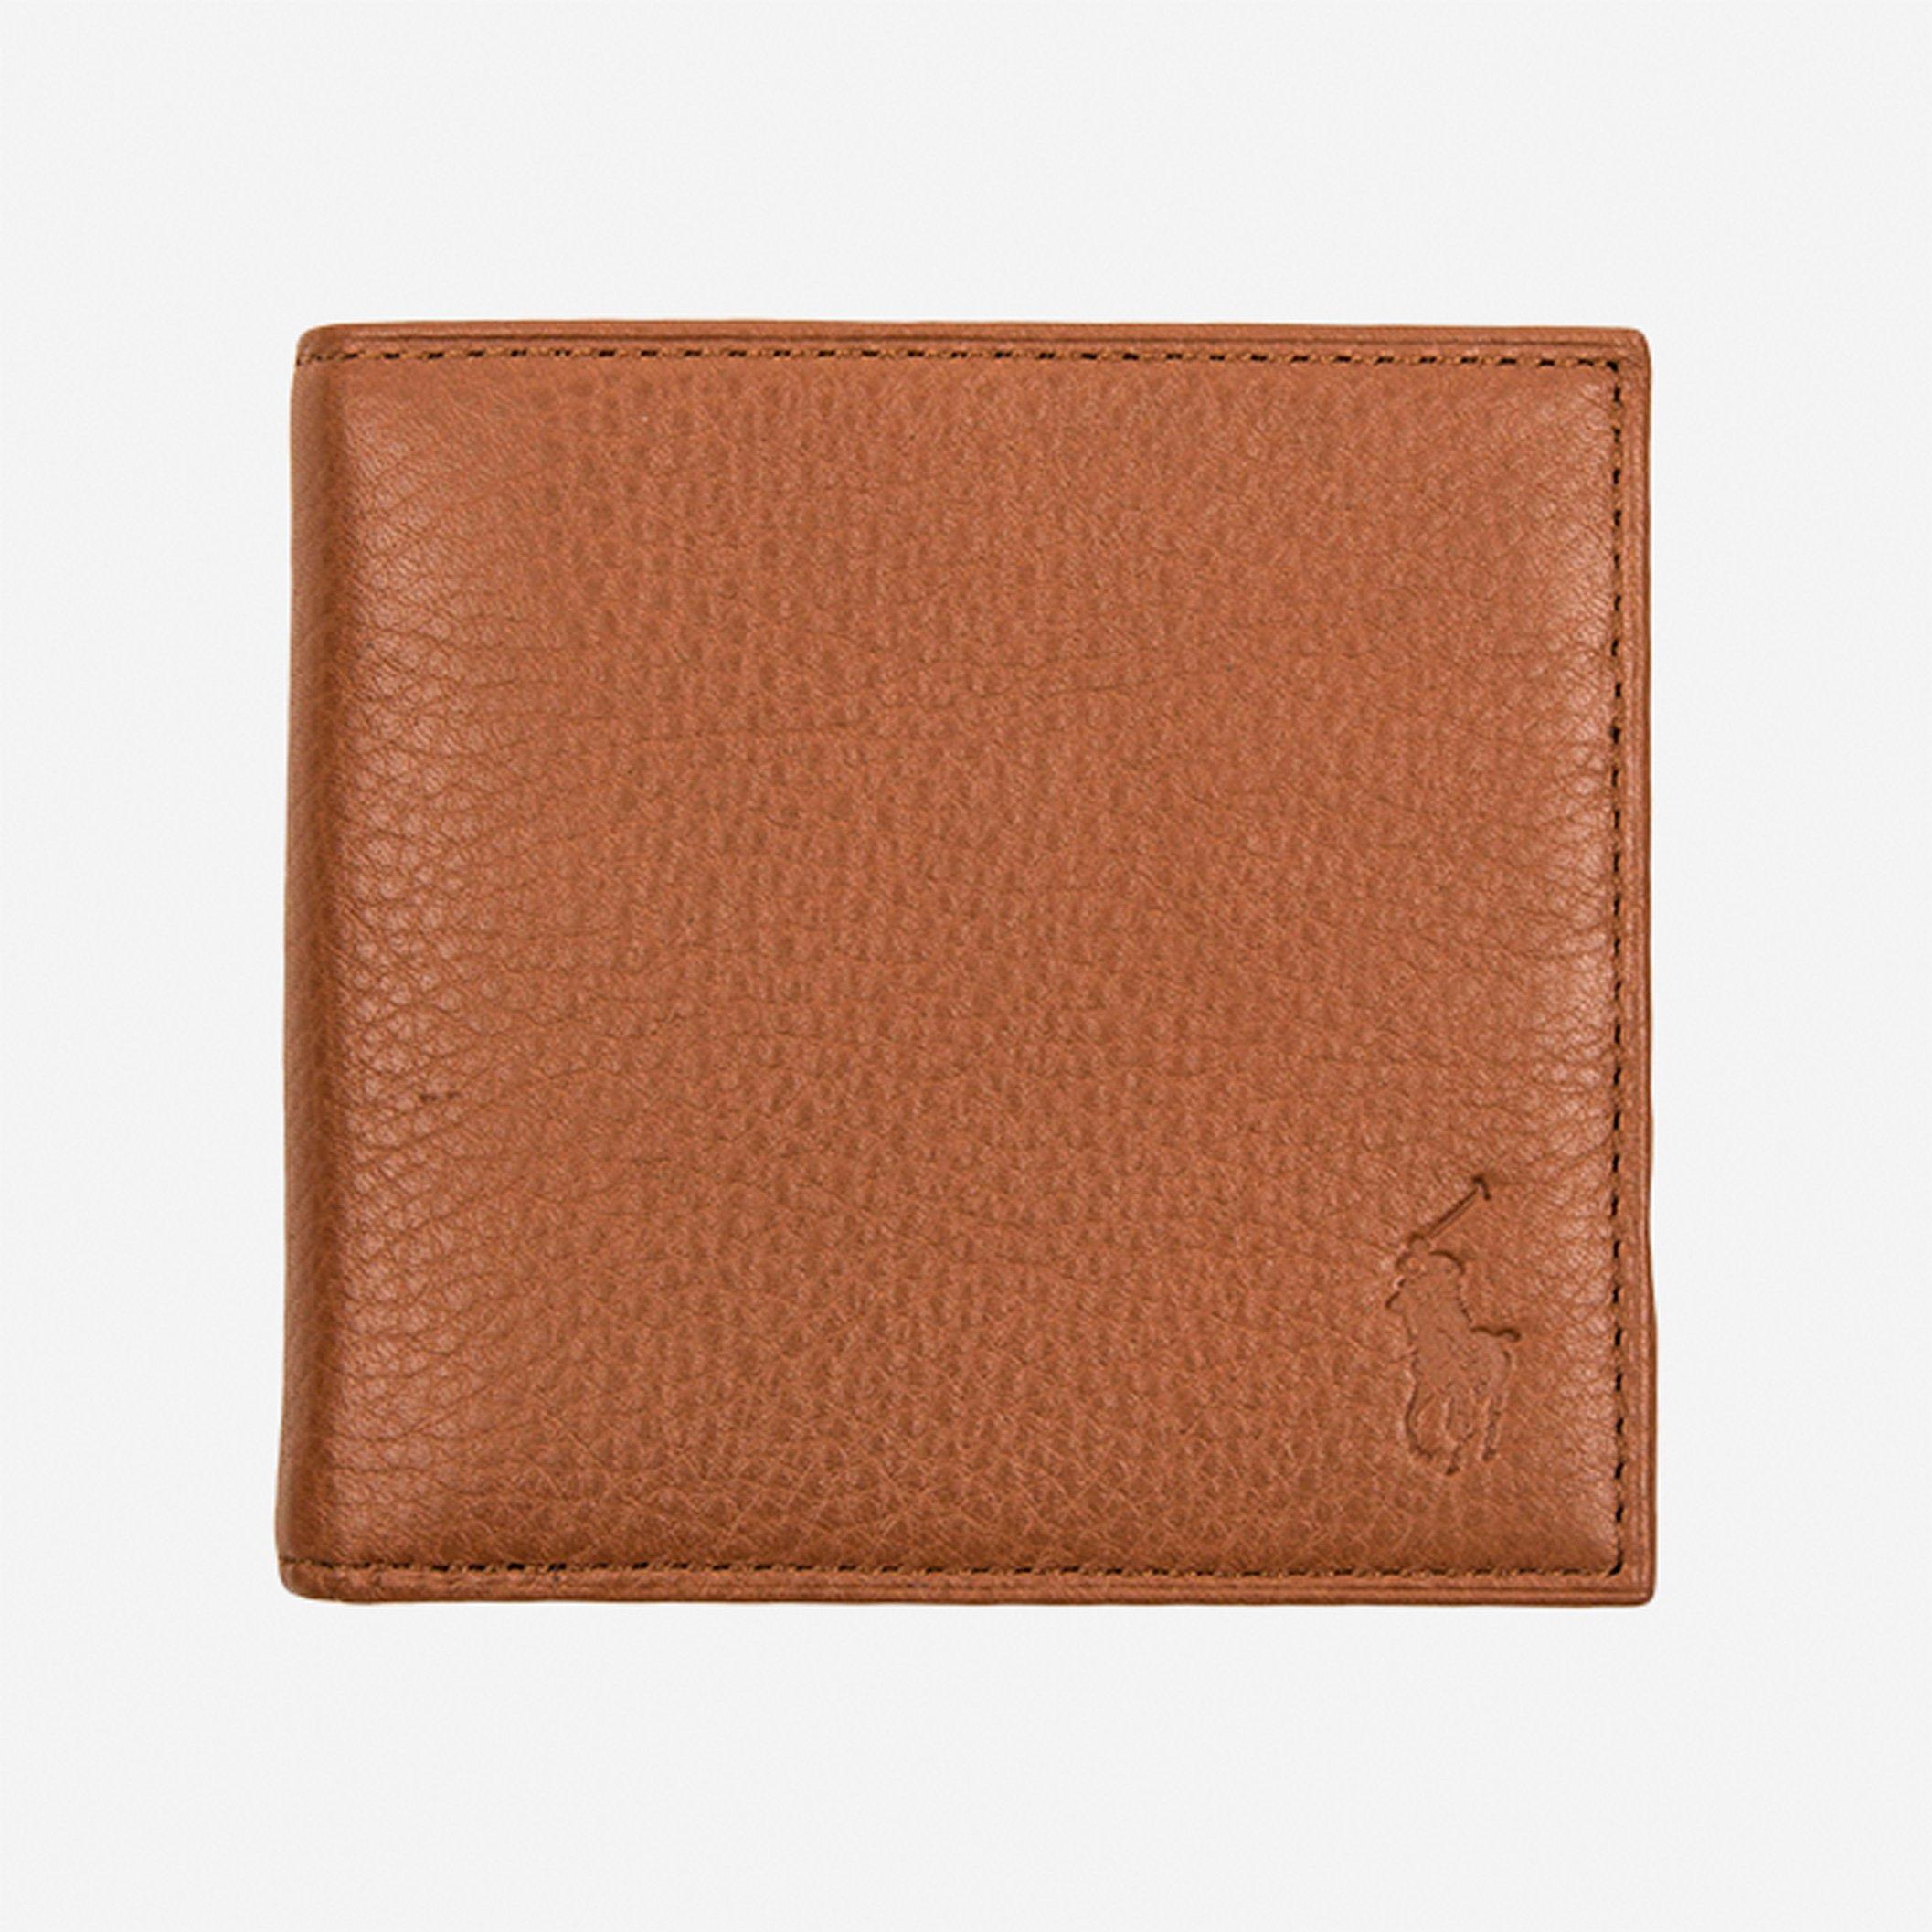 Polo Ralph Lauren EU Bill Coin Wallet